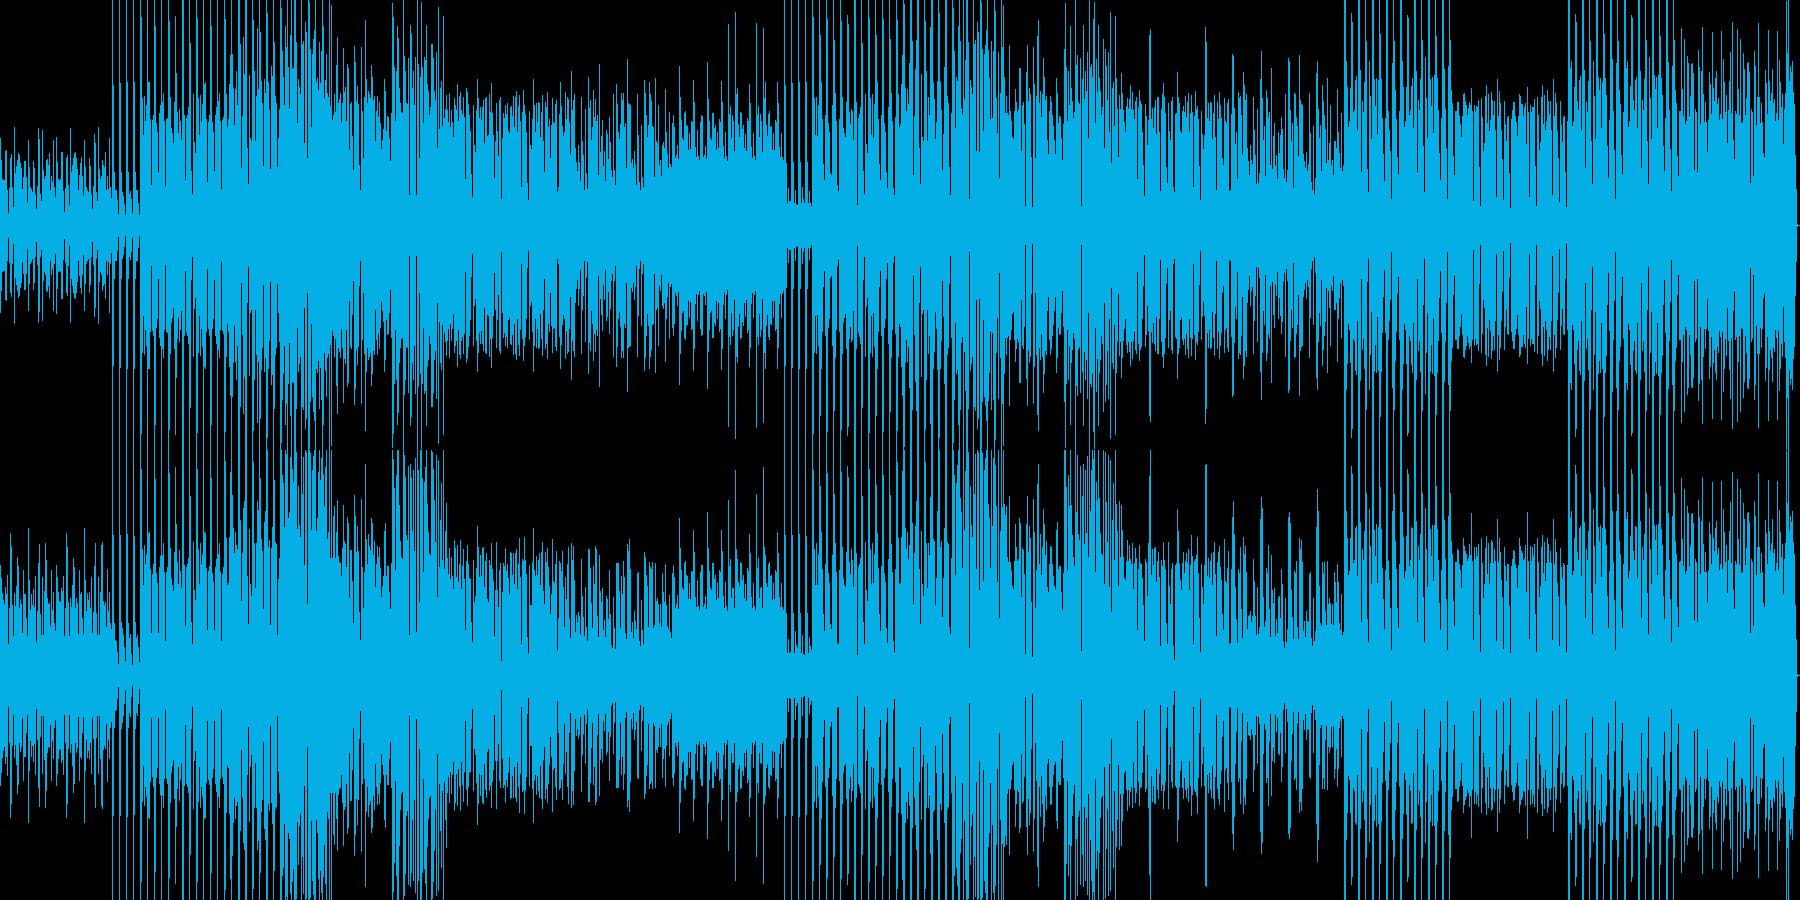 エレクトロな謎解き系BGM その2の再生済みの波形